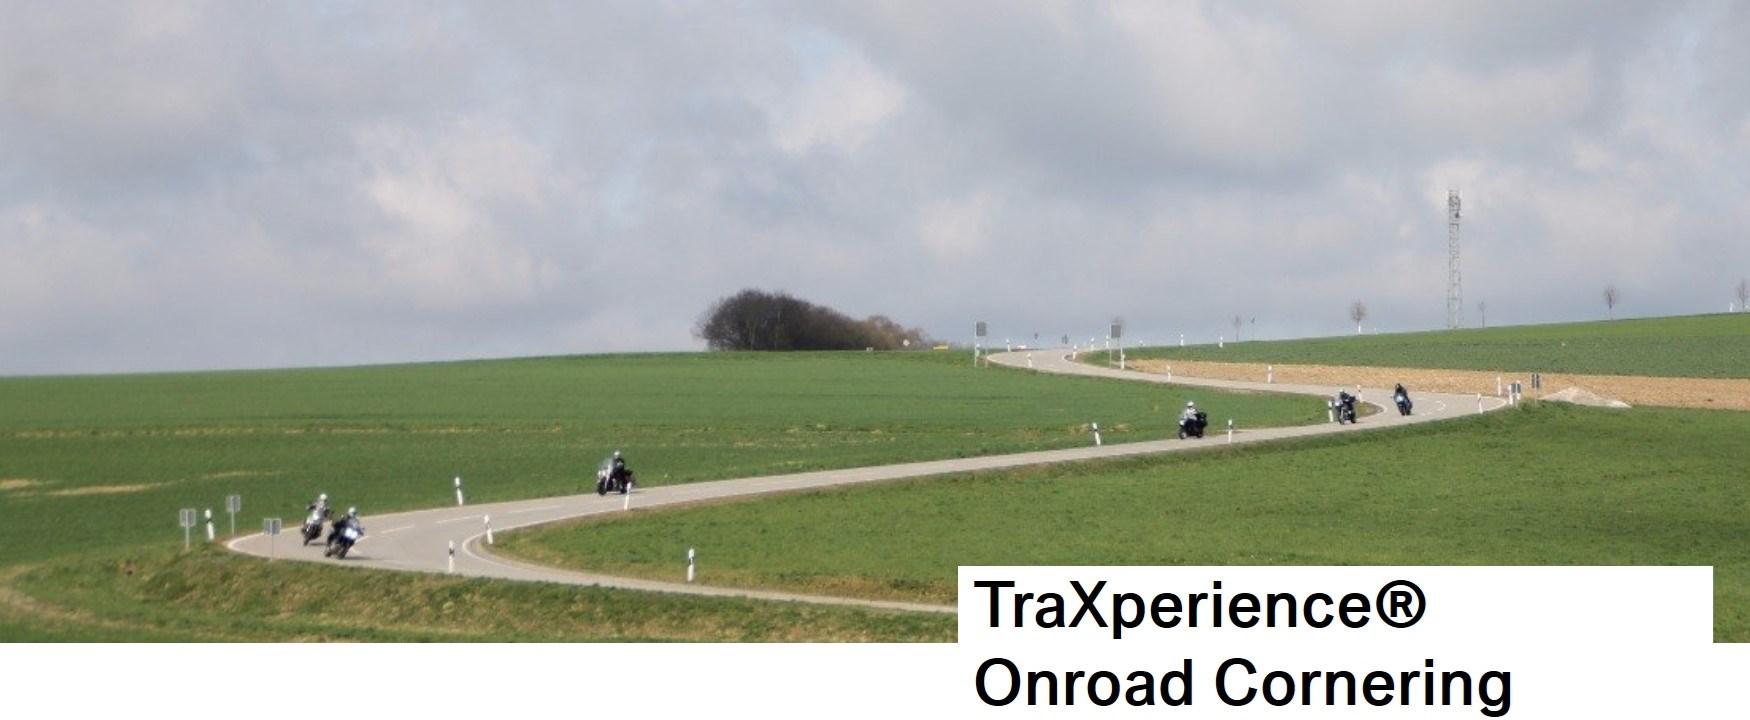 Meeusen Motoren - TraXperience Onroad Cornering - VOLZET